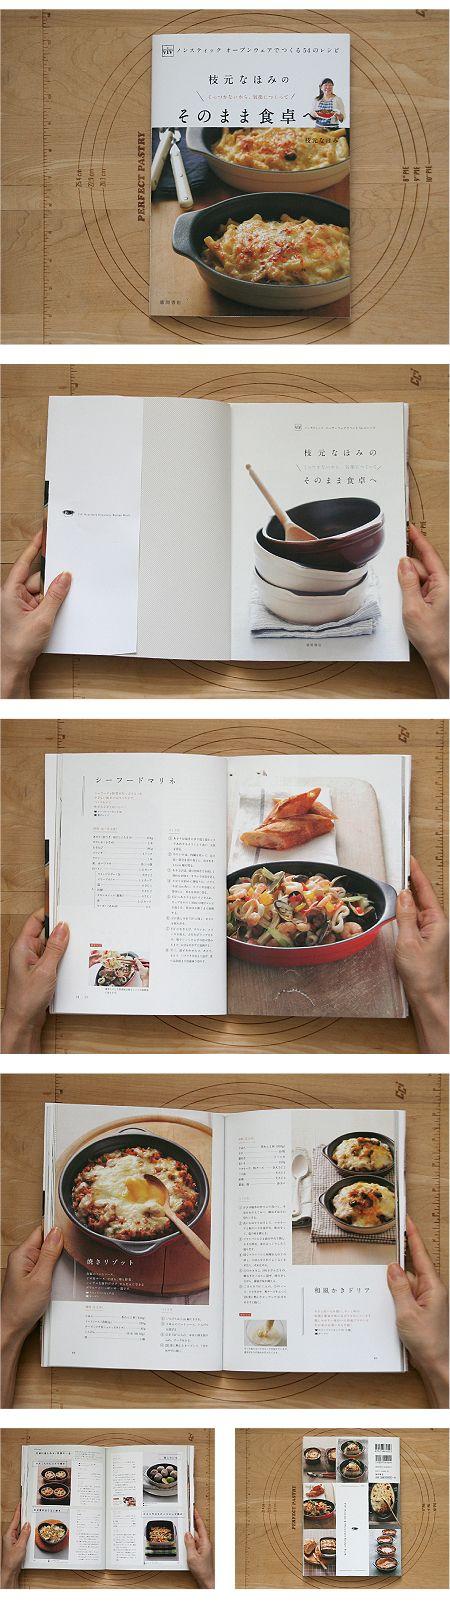 nomo-gram » book